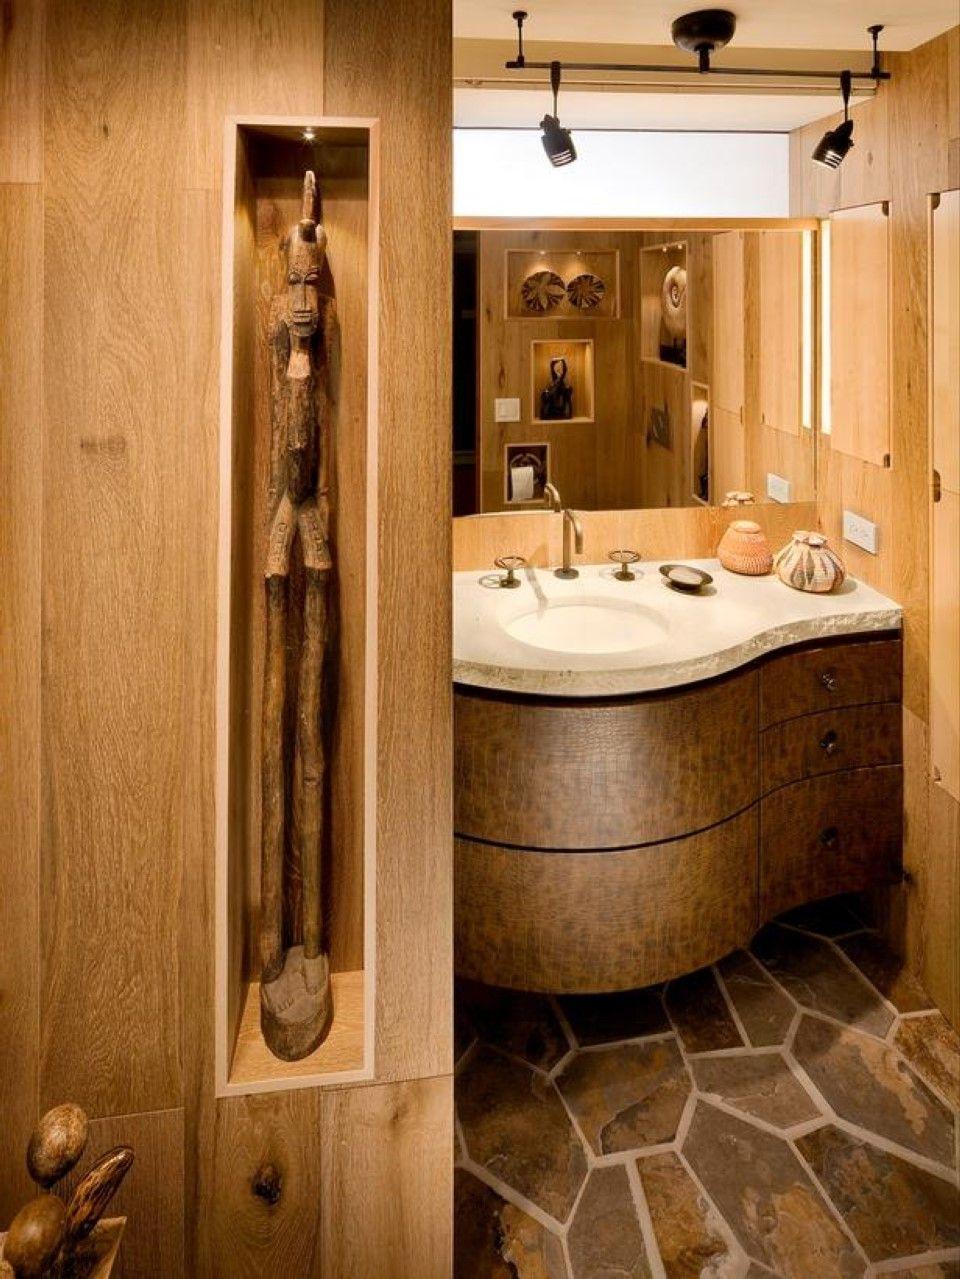 Badezimmermöbel   Fühlen Sie Sich Wohl In Ihrem Wellness Lounge   Badezimmer,  Möbel